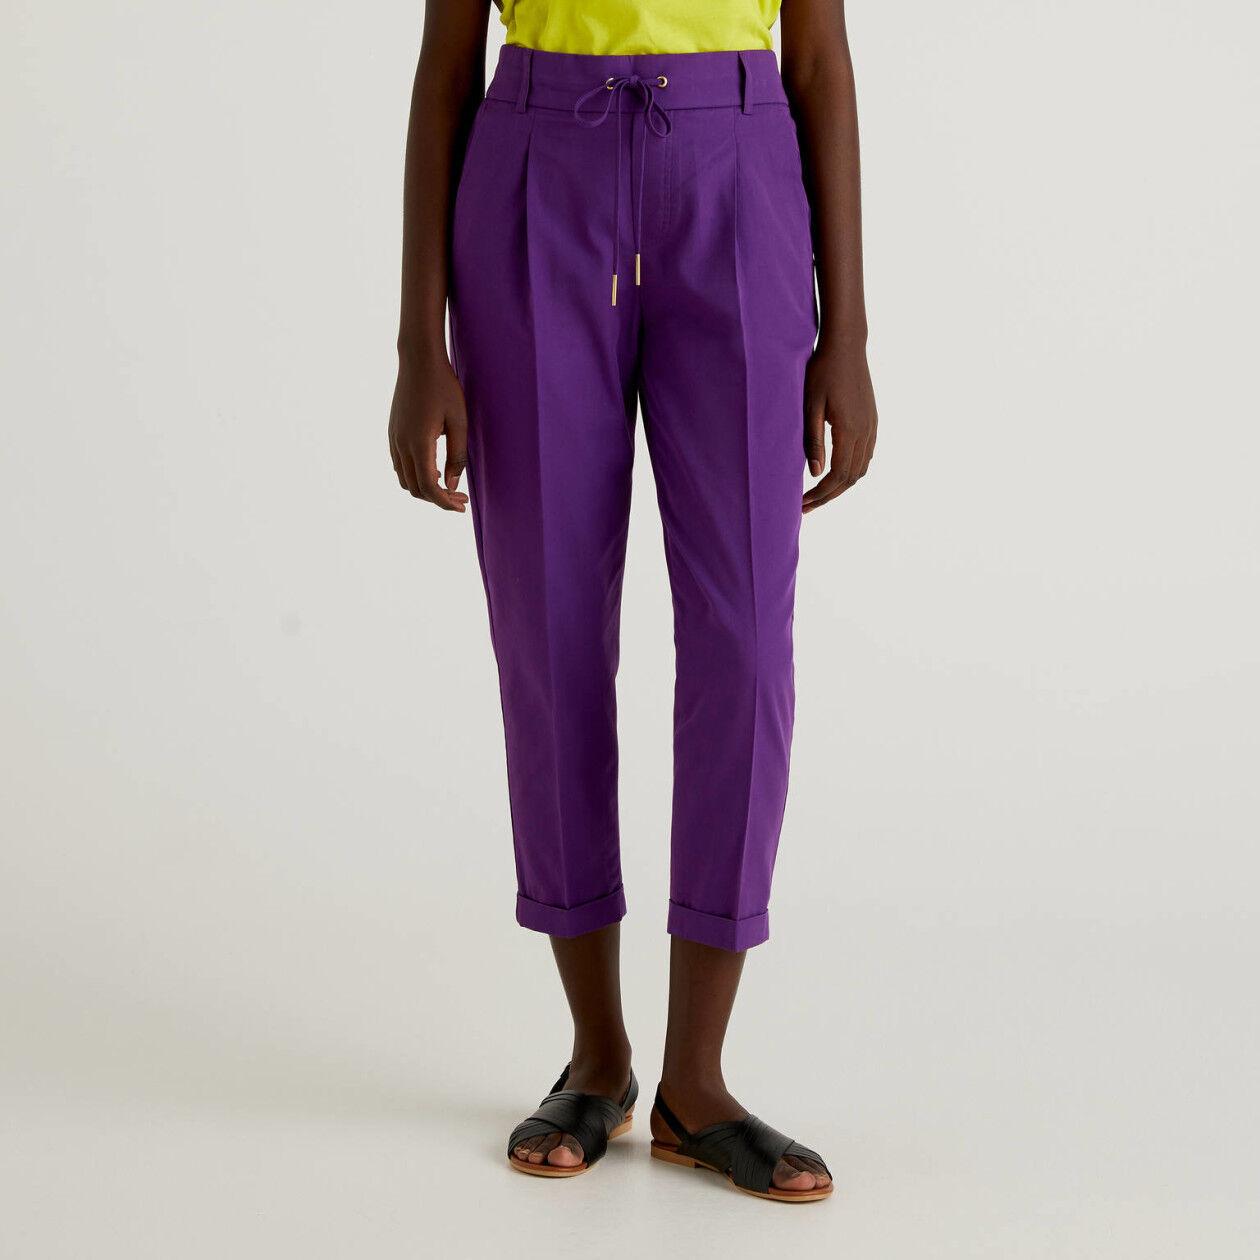 Pantalón de algodón con cordón de ajuste